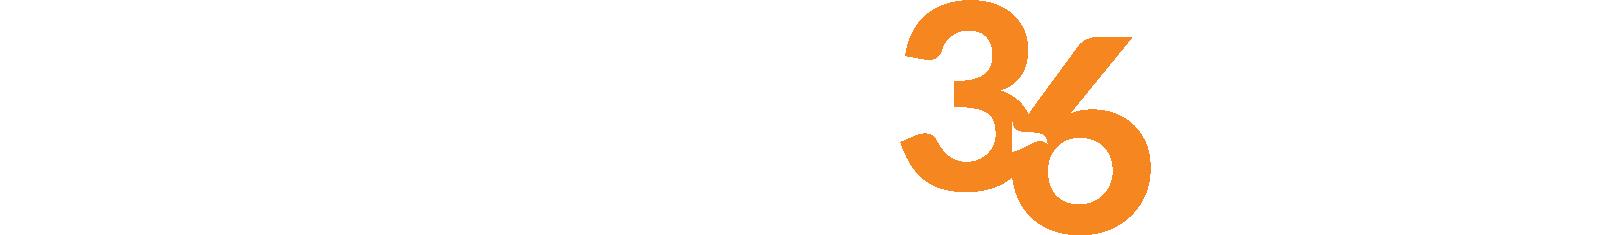 Operation 36 logo white and orange horizontal